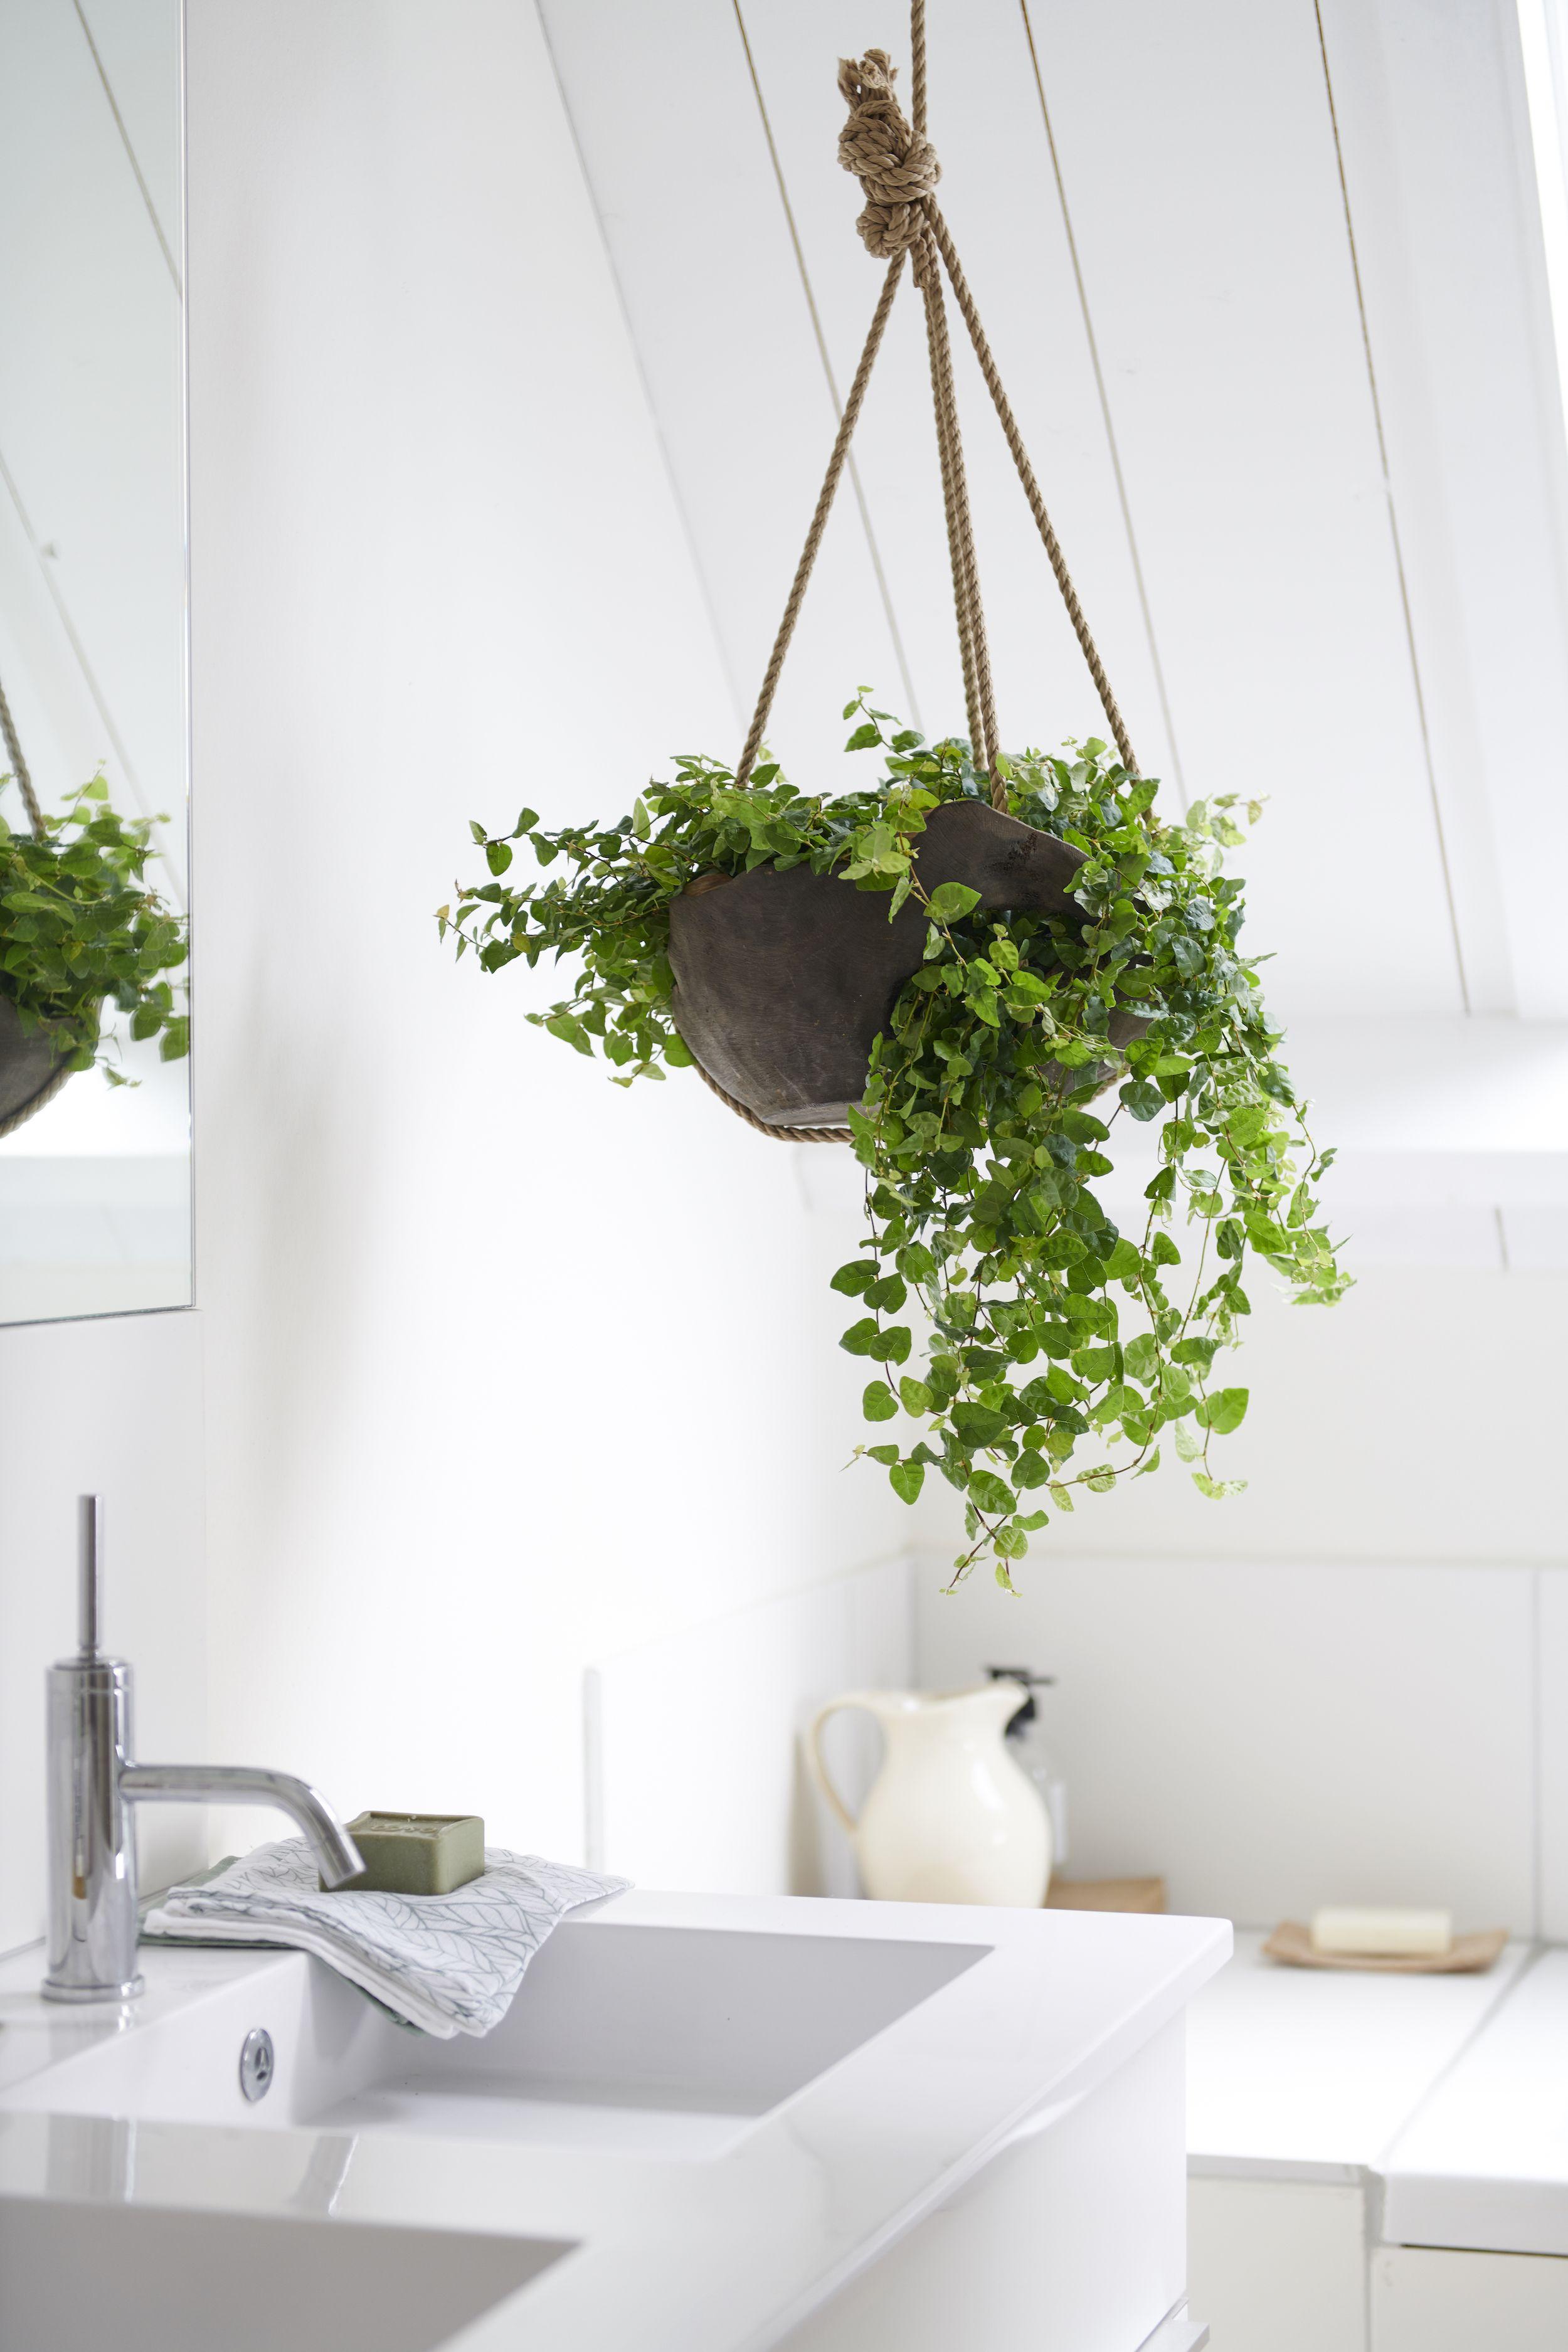 Badezimmerpflanzen für den Mai  Badezimmerpflanzen, Pflanzen